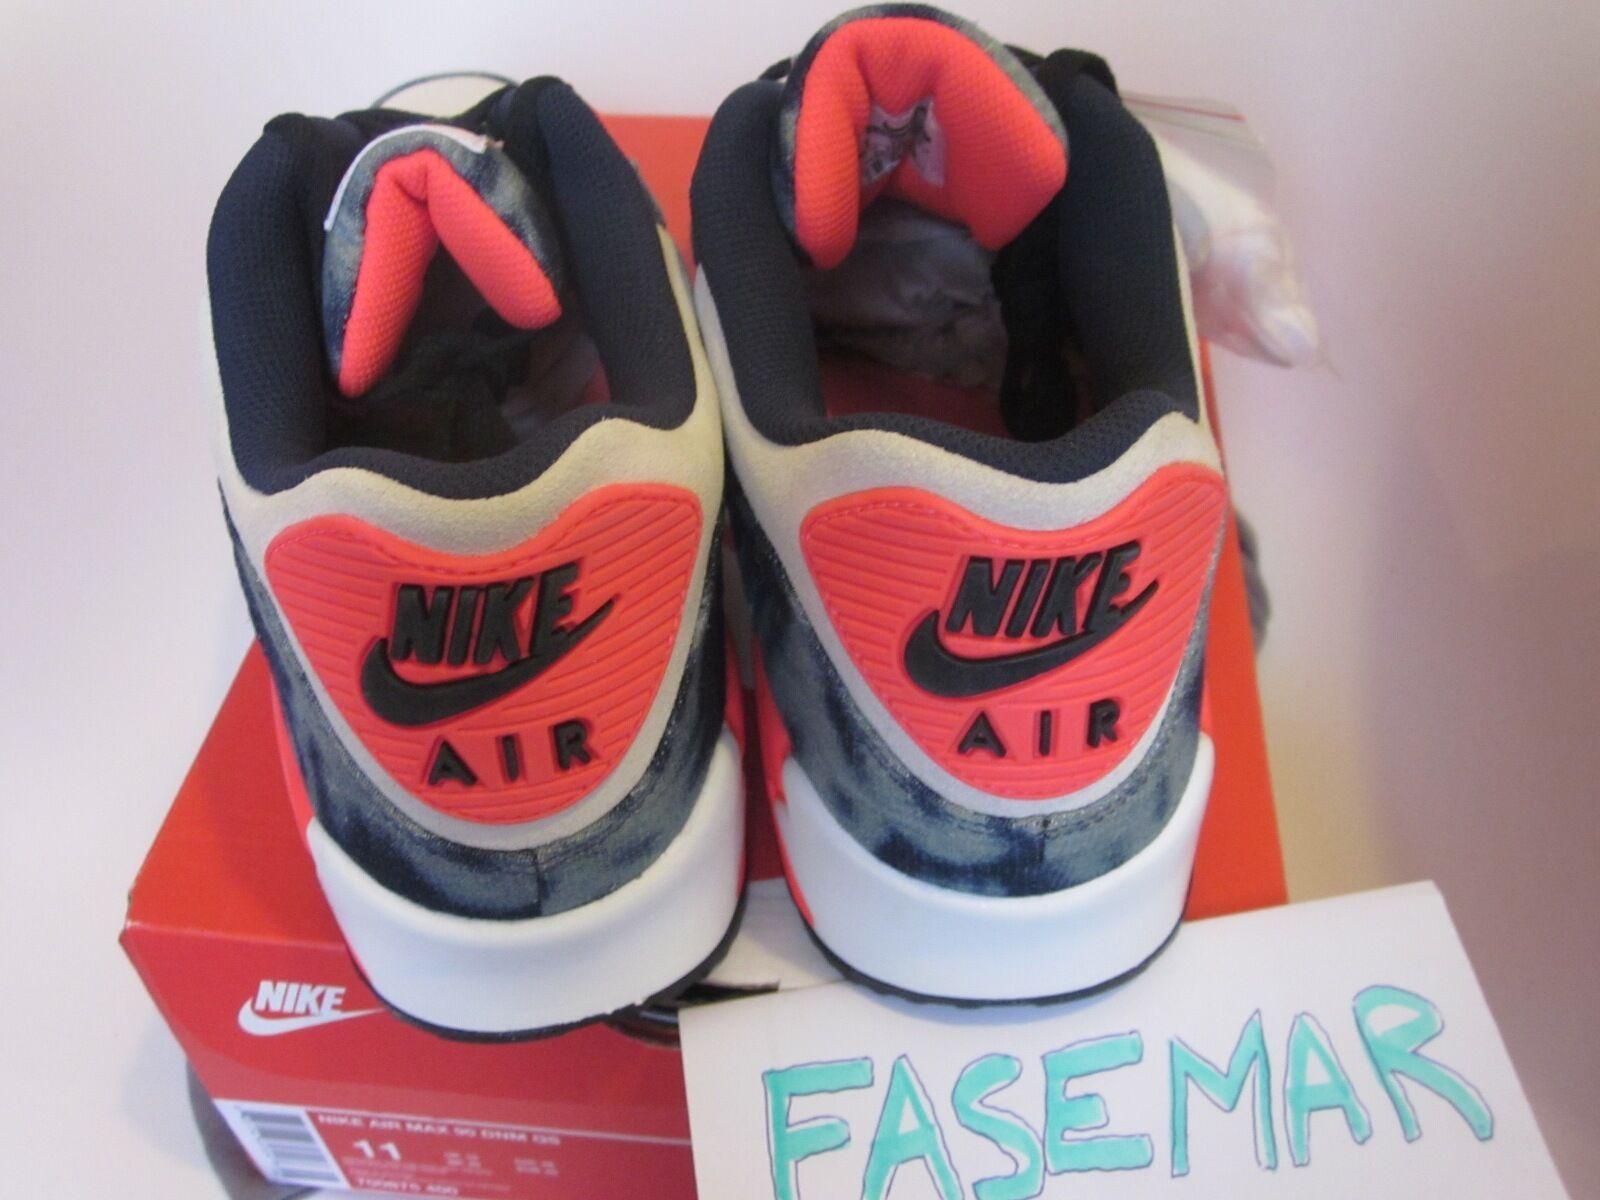 Nike Air max 90 DNM QS 700875 US11 400